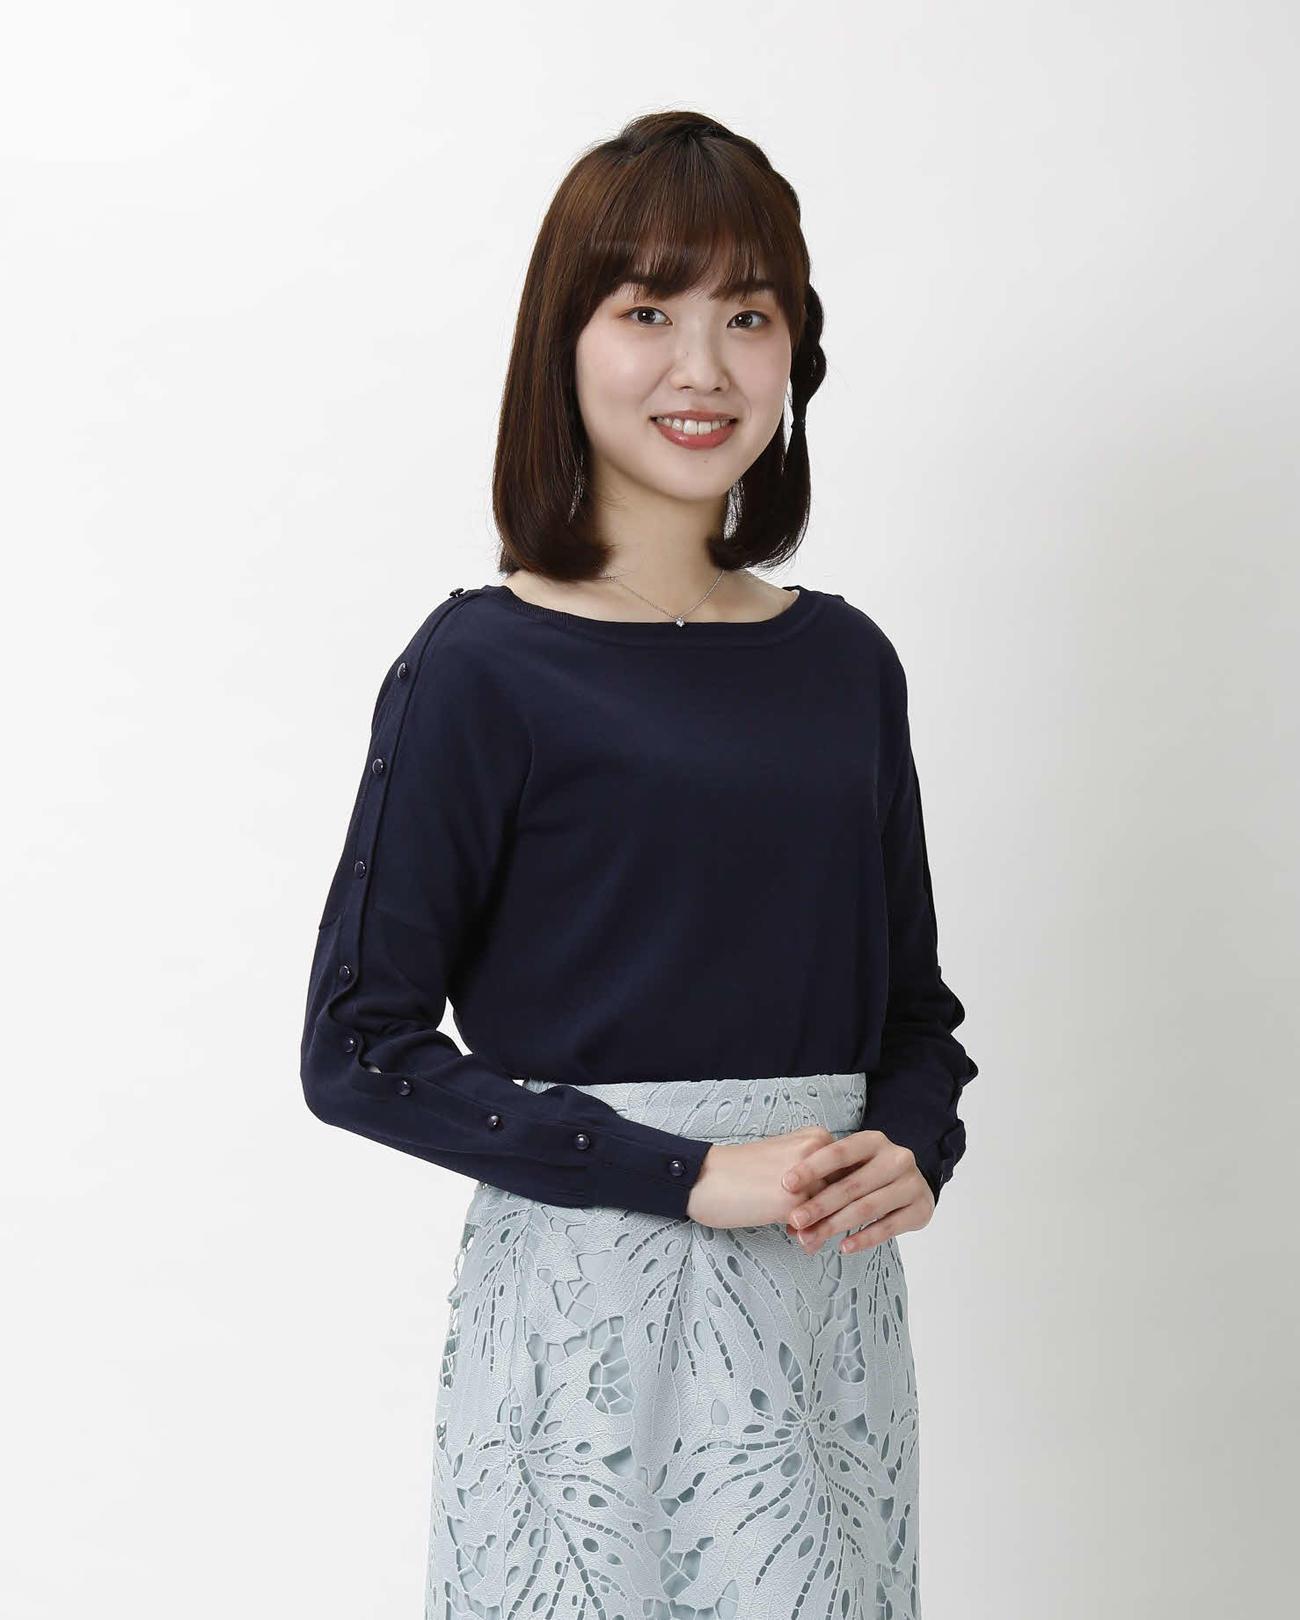 ABCテレビの沢田有也佳アナウンサー(朝日放送テレビ提供)